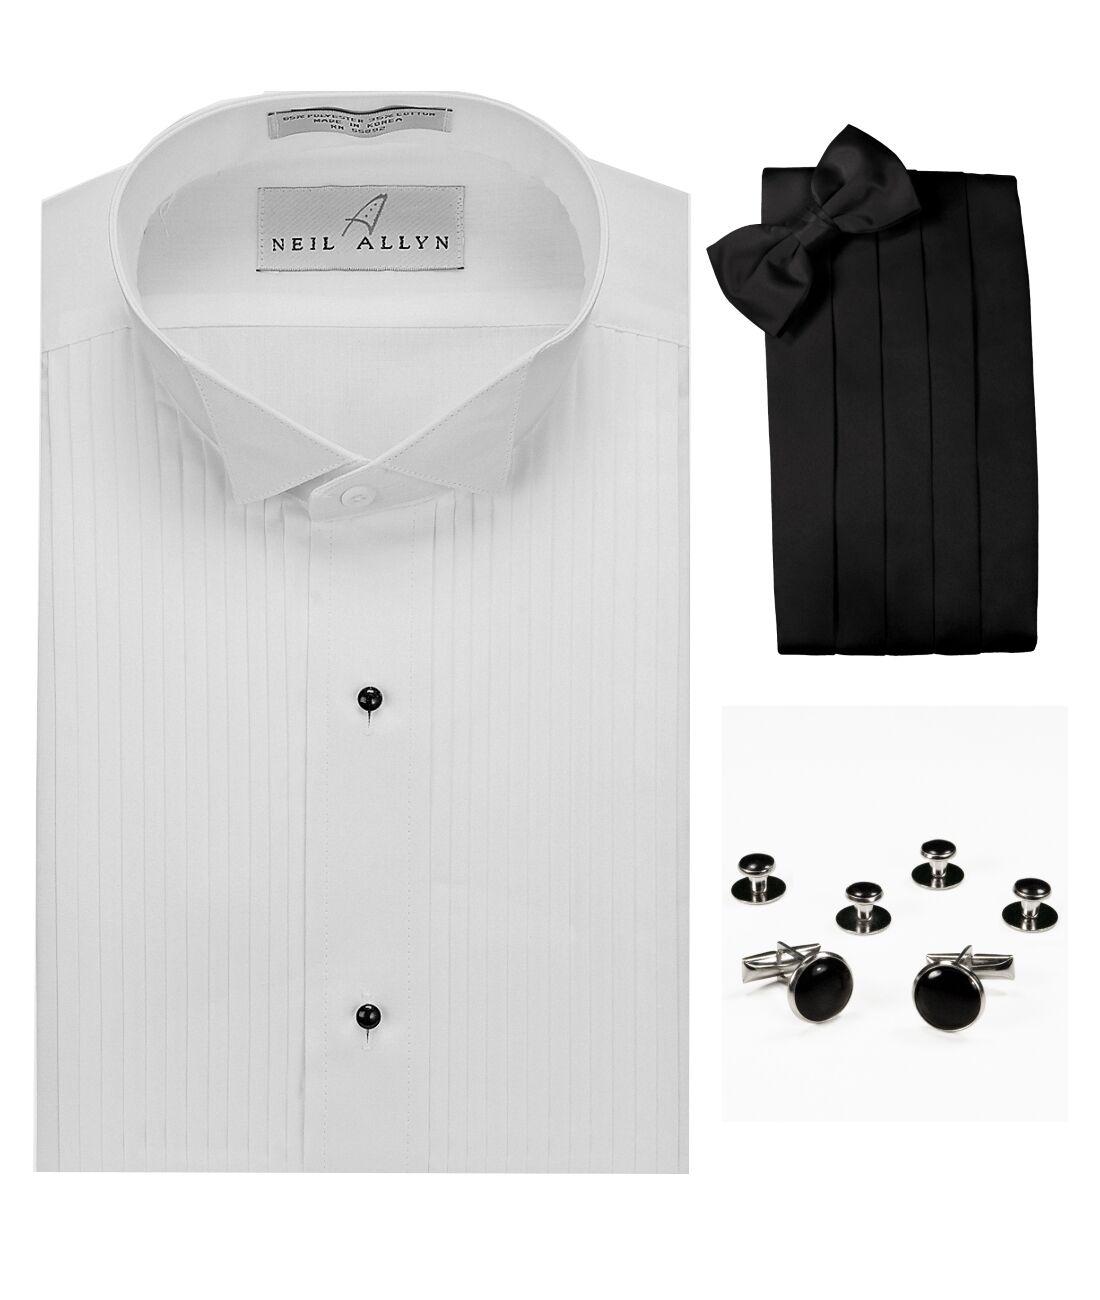 27f365a848 Wing Collar 1 Pleats Shirt, Cummerbund, Bow-Tie, Cuff Links & Studs ...